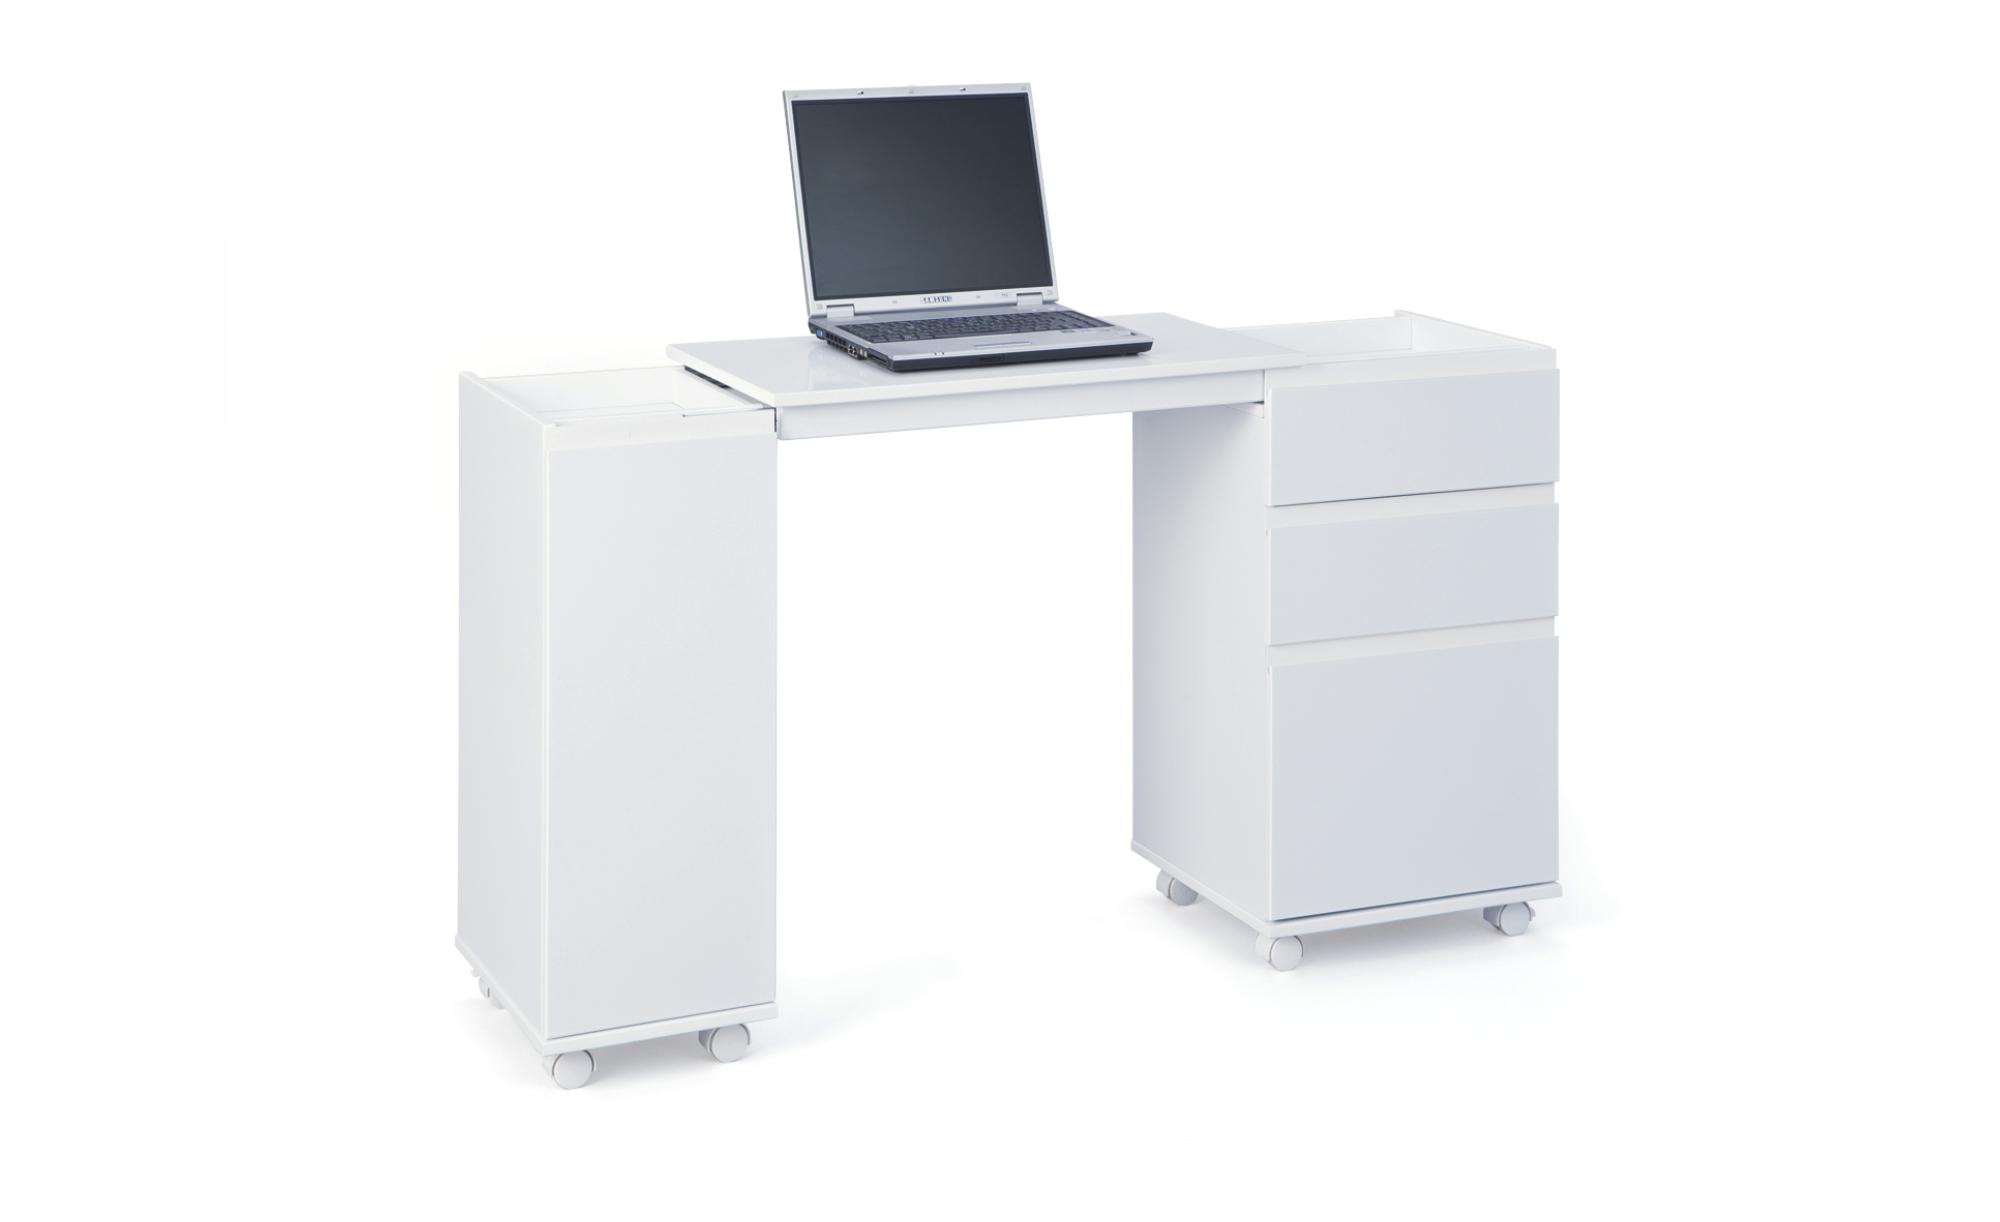 Sconto Výsuvný psací stůl GIOCO